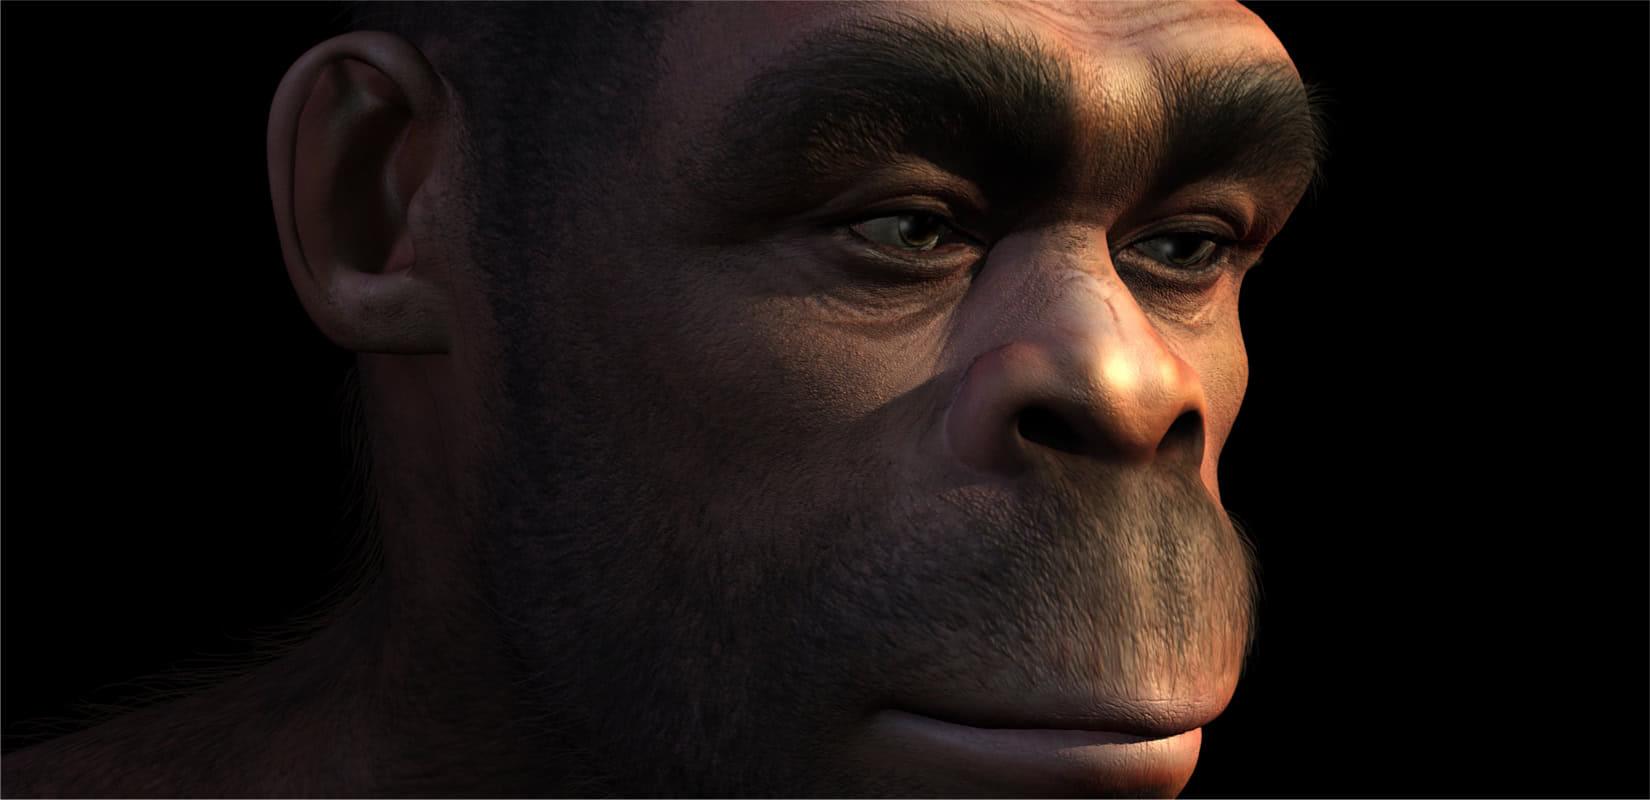 Evolucija čovjeka